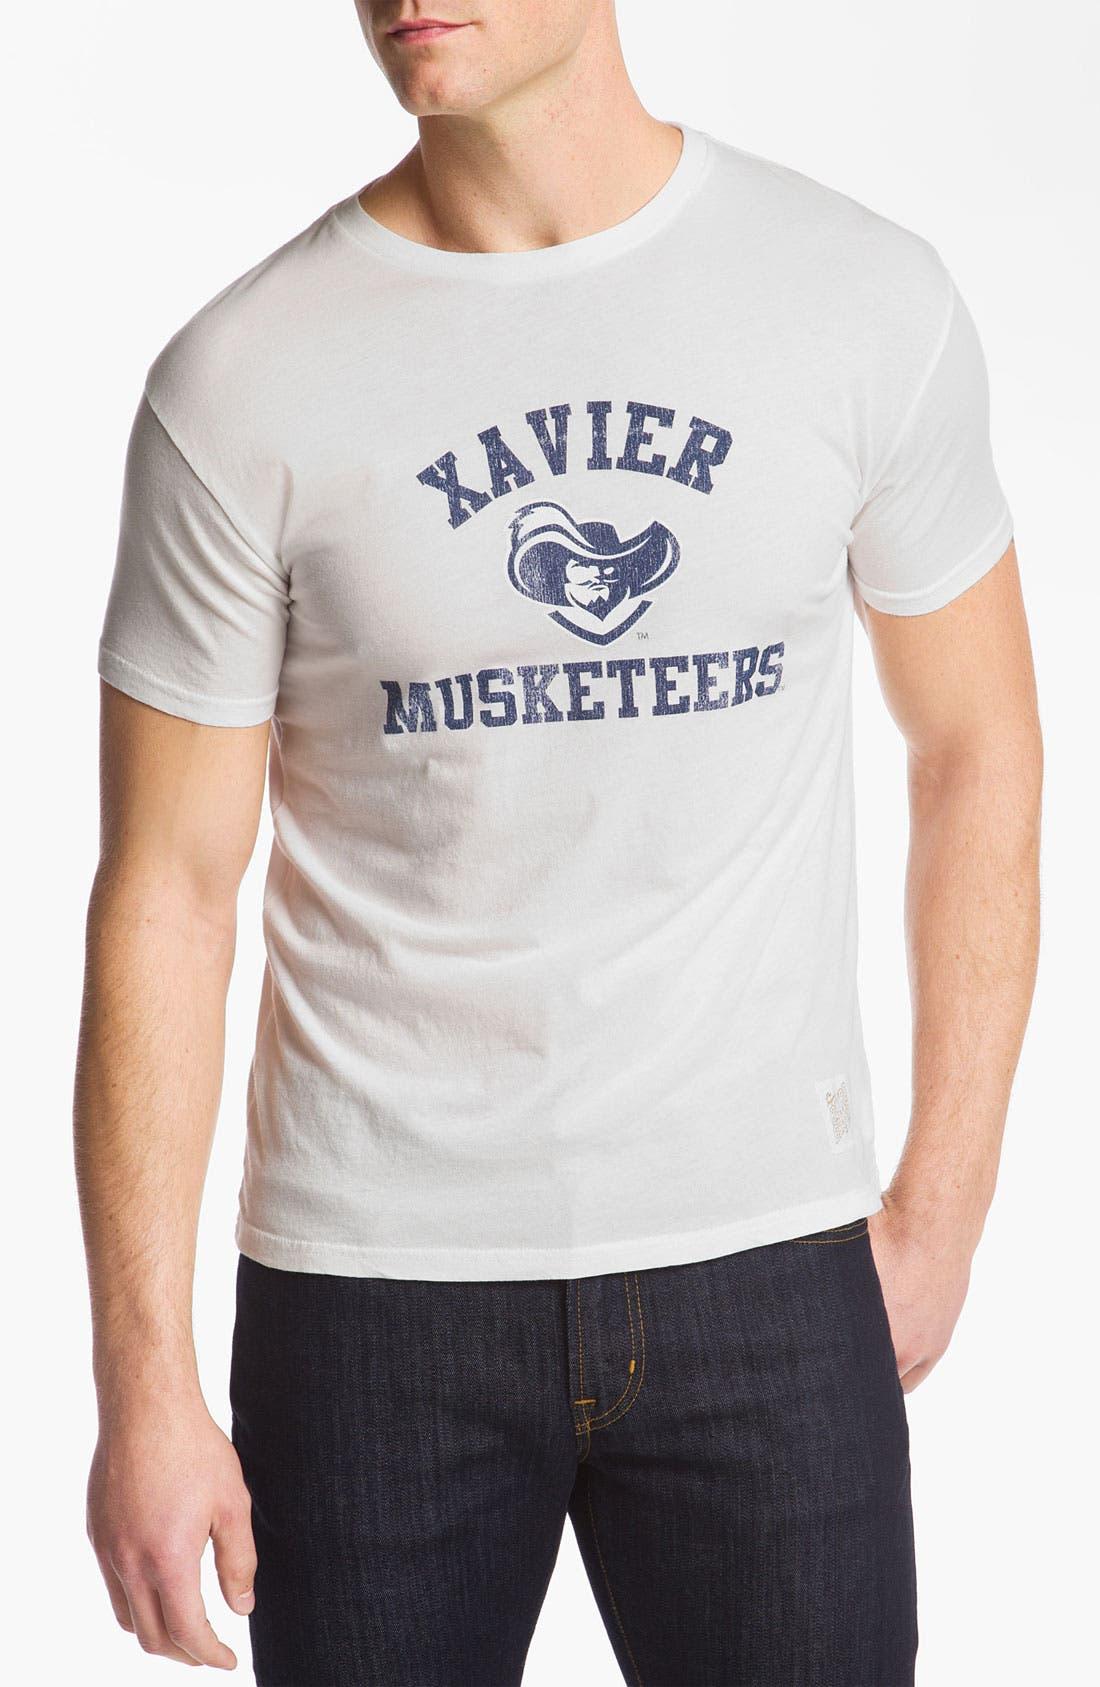 Main Image - The Original Retro Brand 'Xavier Musketeers' T-Shirt